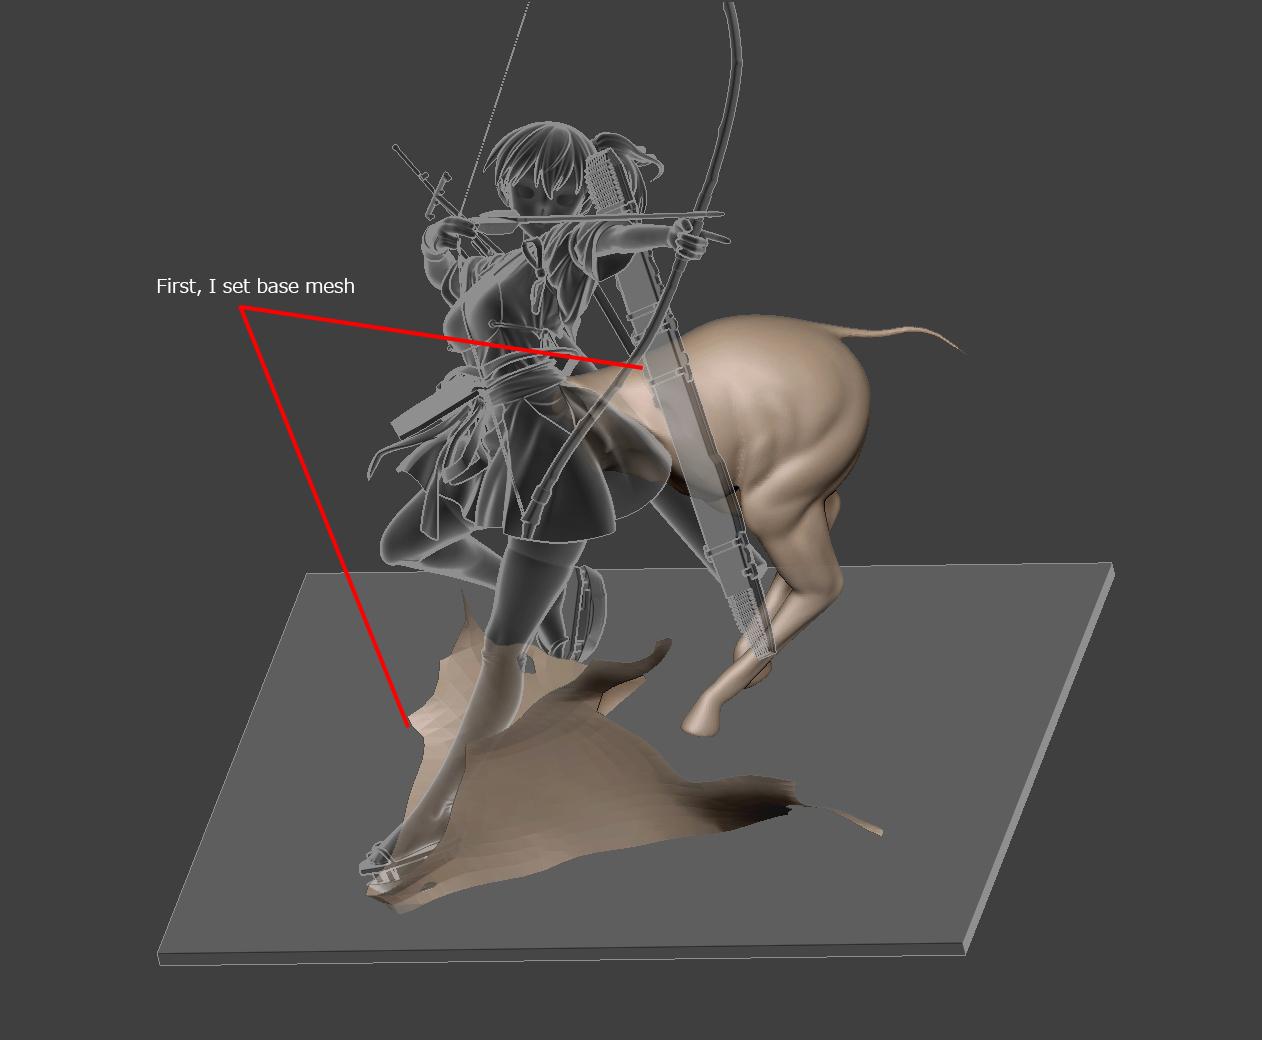 Zbrush sculpting – zbrushtuts